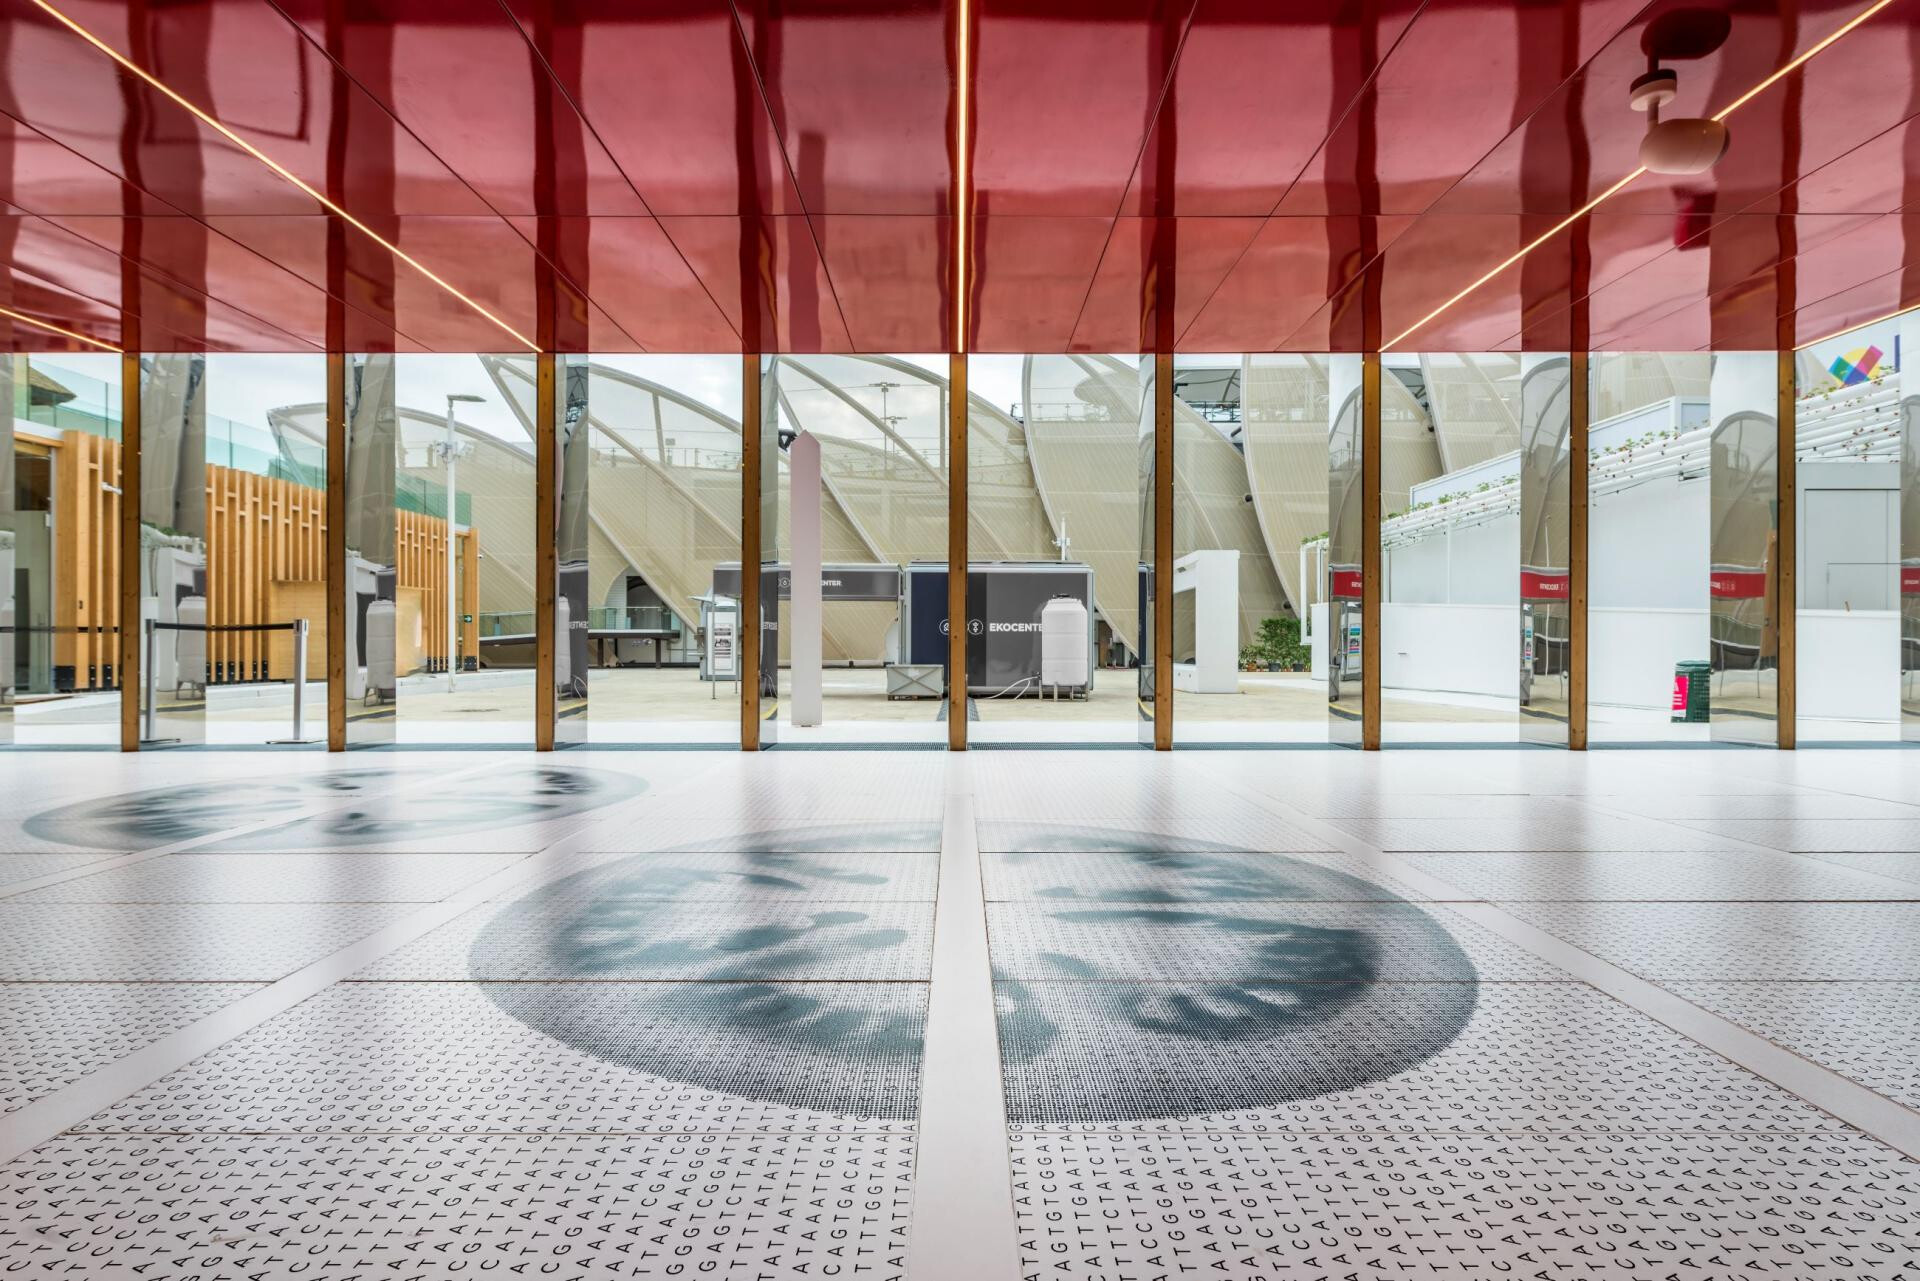 Spanish Pavillion at Expo Milano 2015